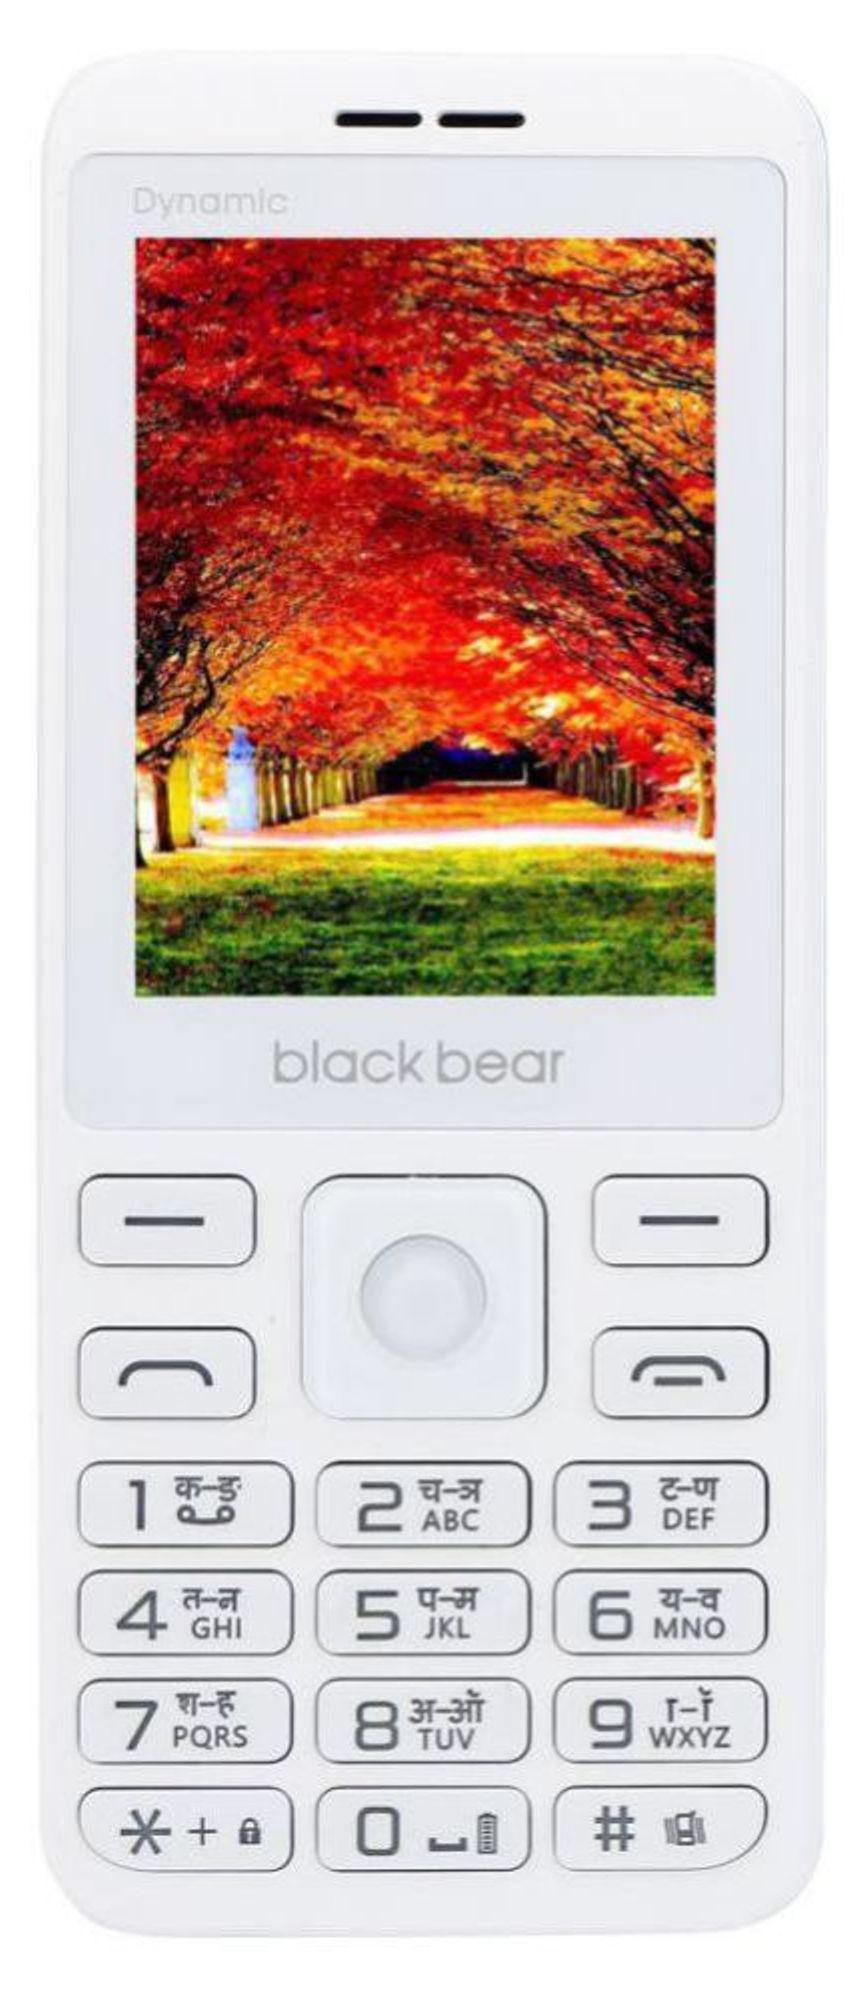 BLACKBEAR White Dynamic Dual Sim 32 MB